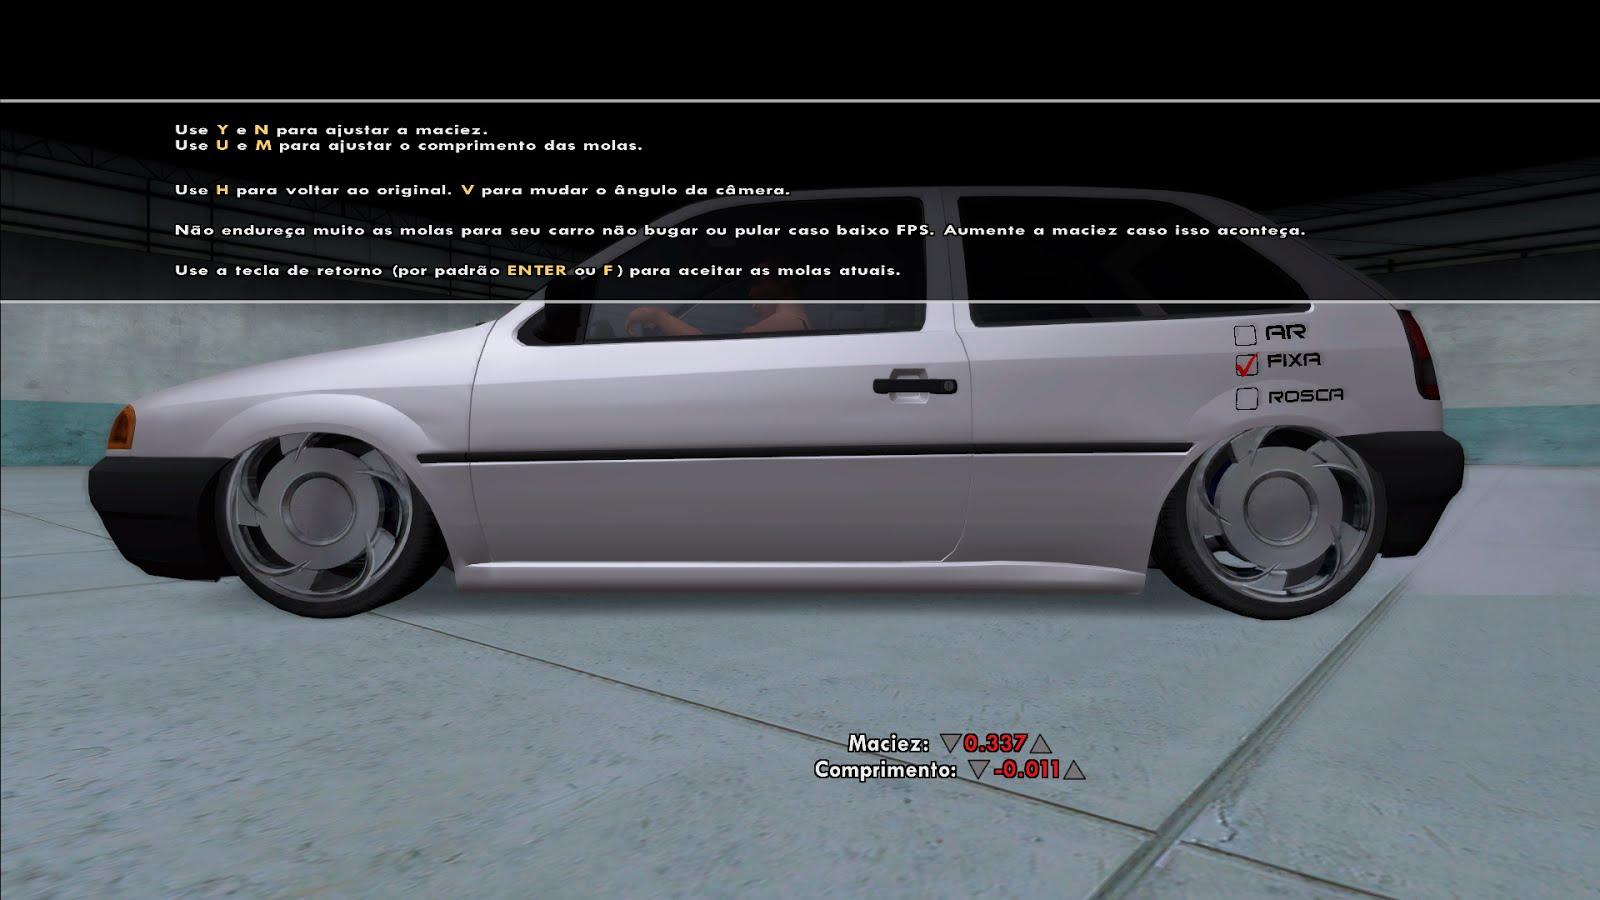 gta-sa-san-tuning-mod.jpg